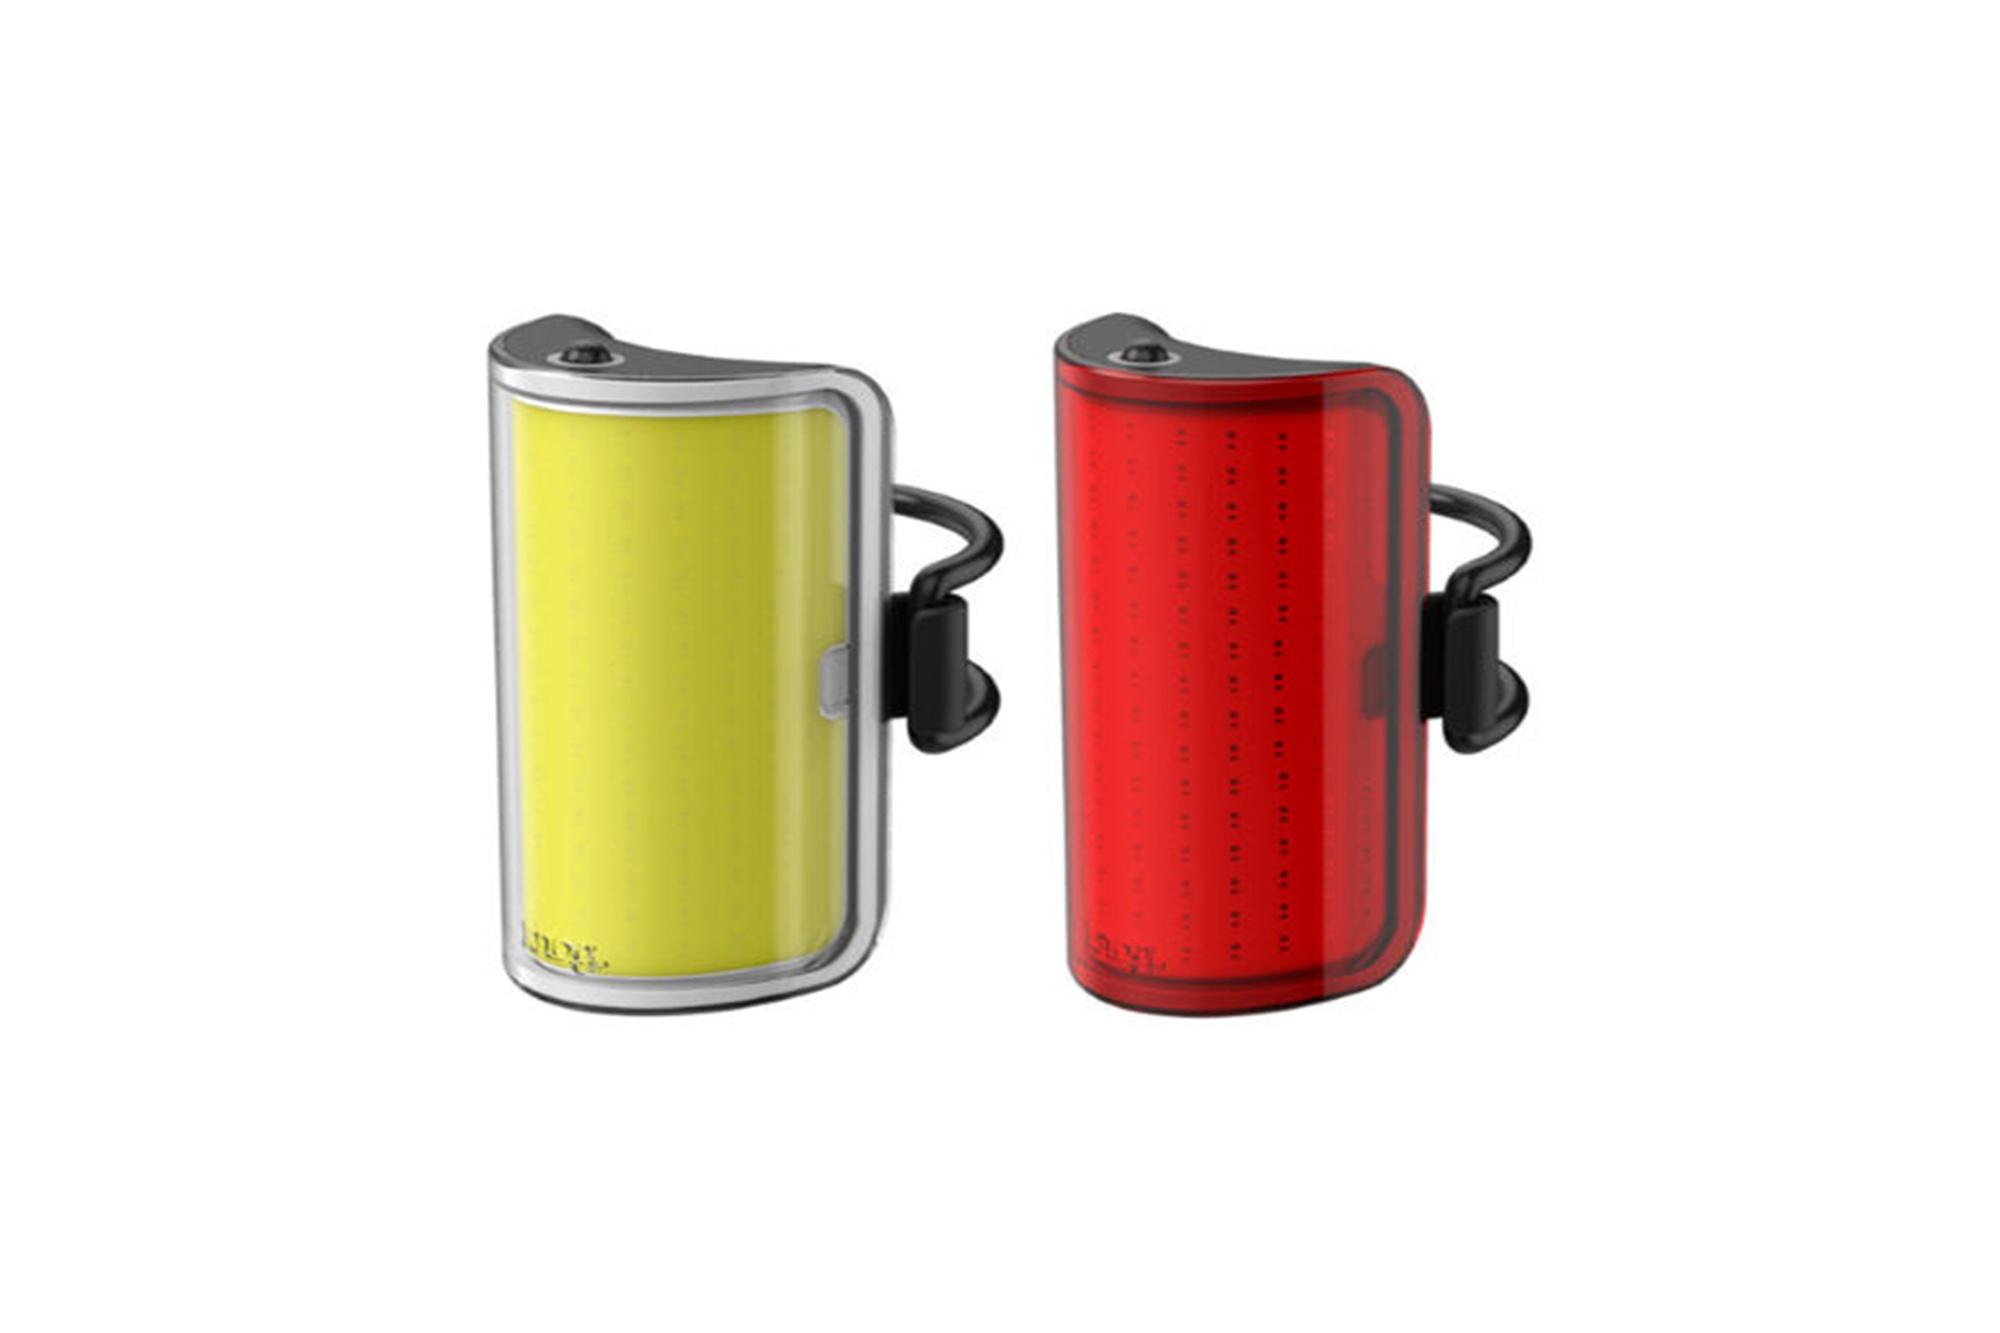 Knog Knog Mid Cobber Twinpack Headlight/Taillight